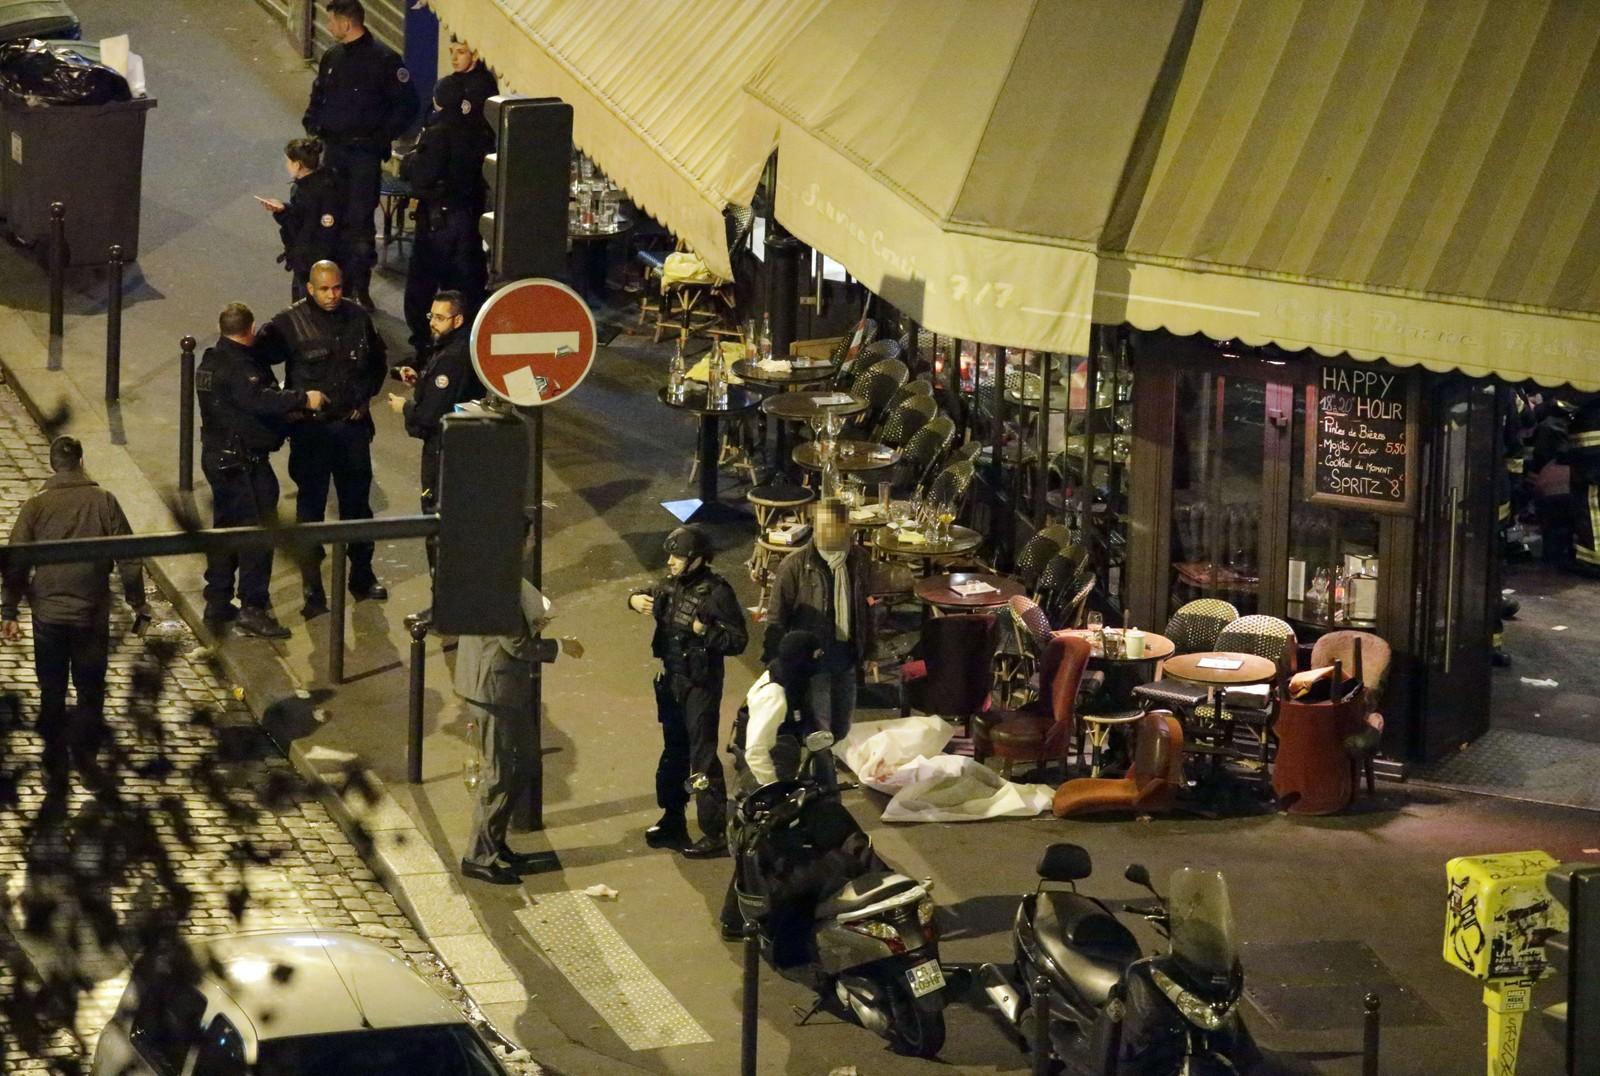 UNNTAKSTILSTAND: Allerede ved midnatt opplyste Hollande at ble det erklært unntakstilstand i landet, og at grensekontrollen er skjerpet.